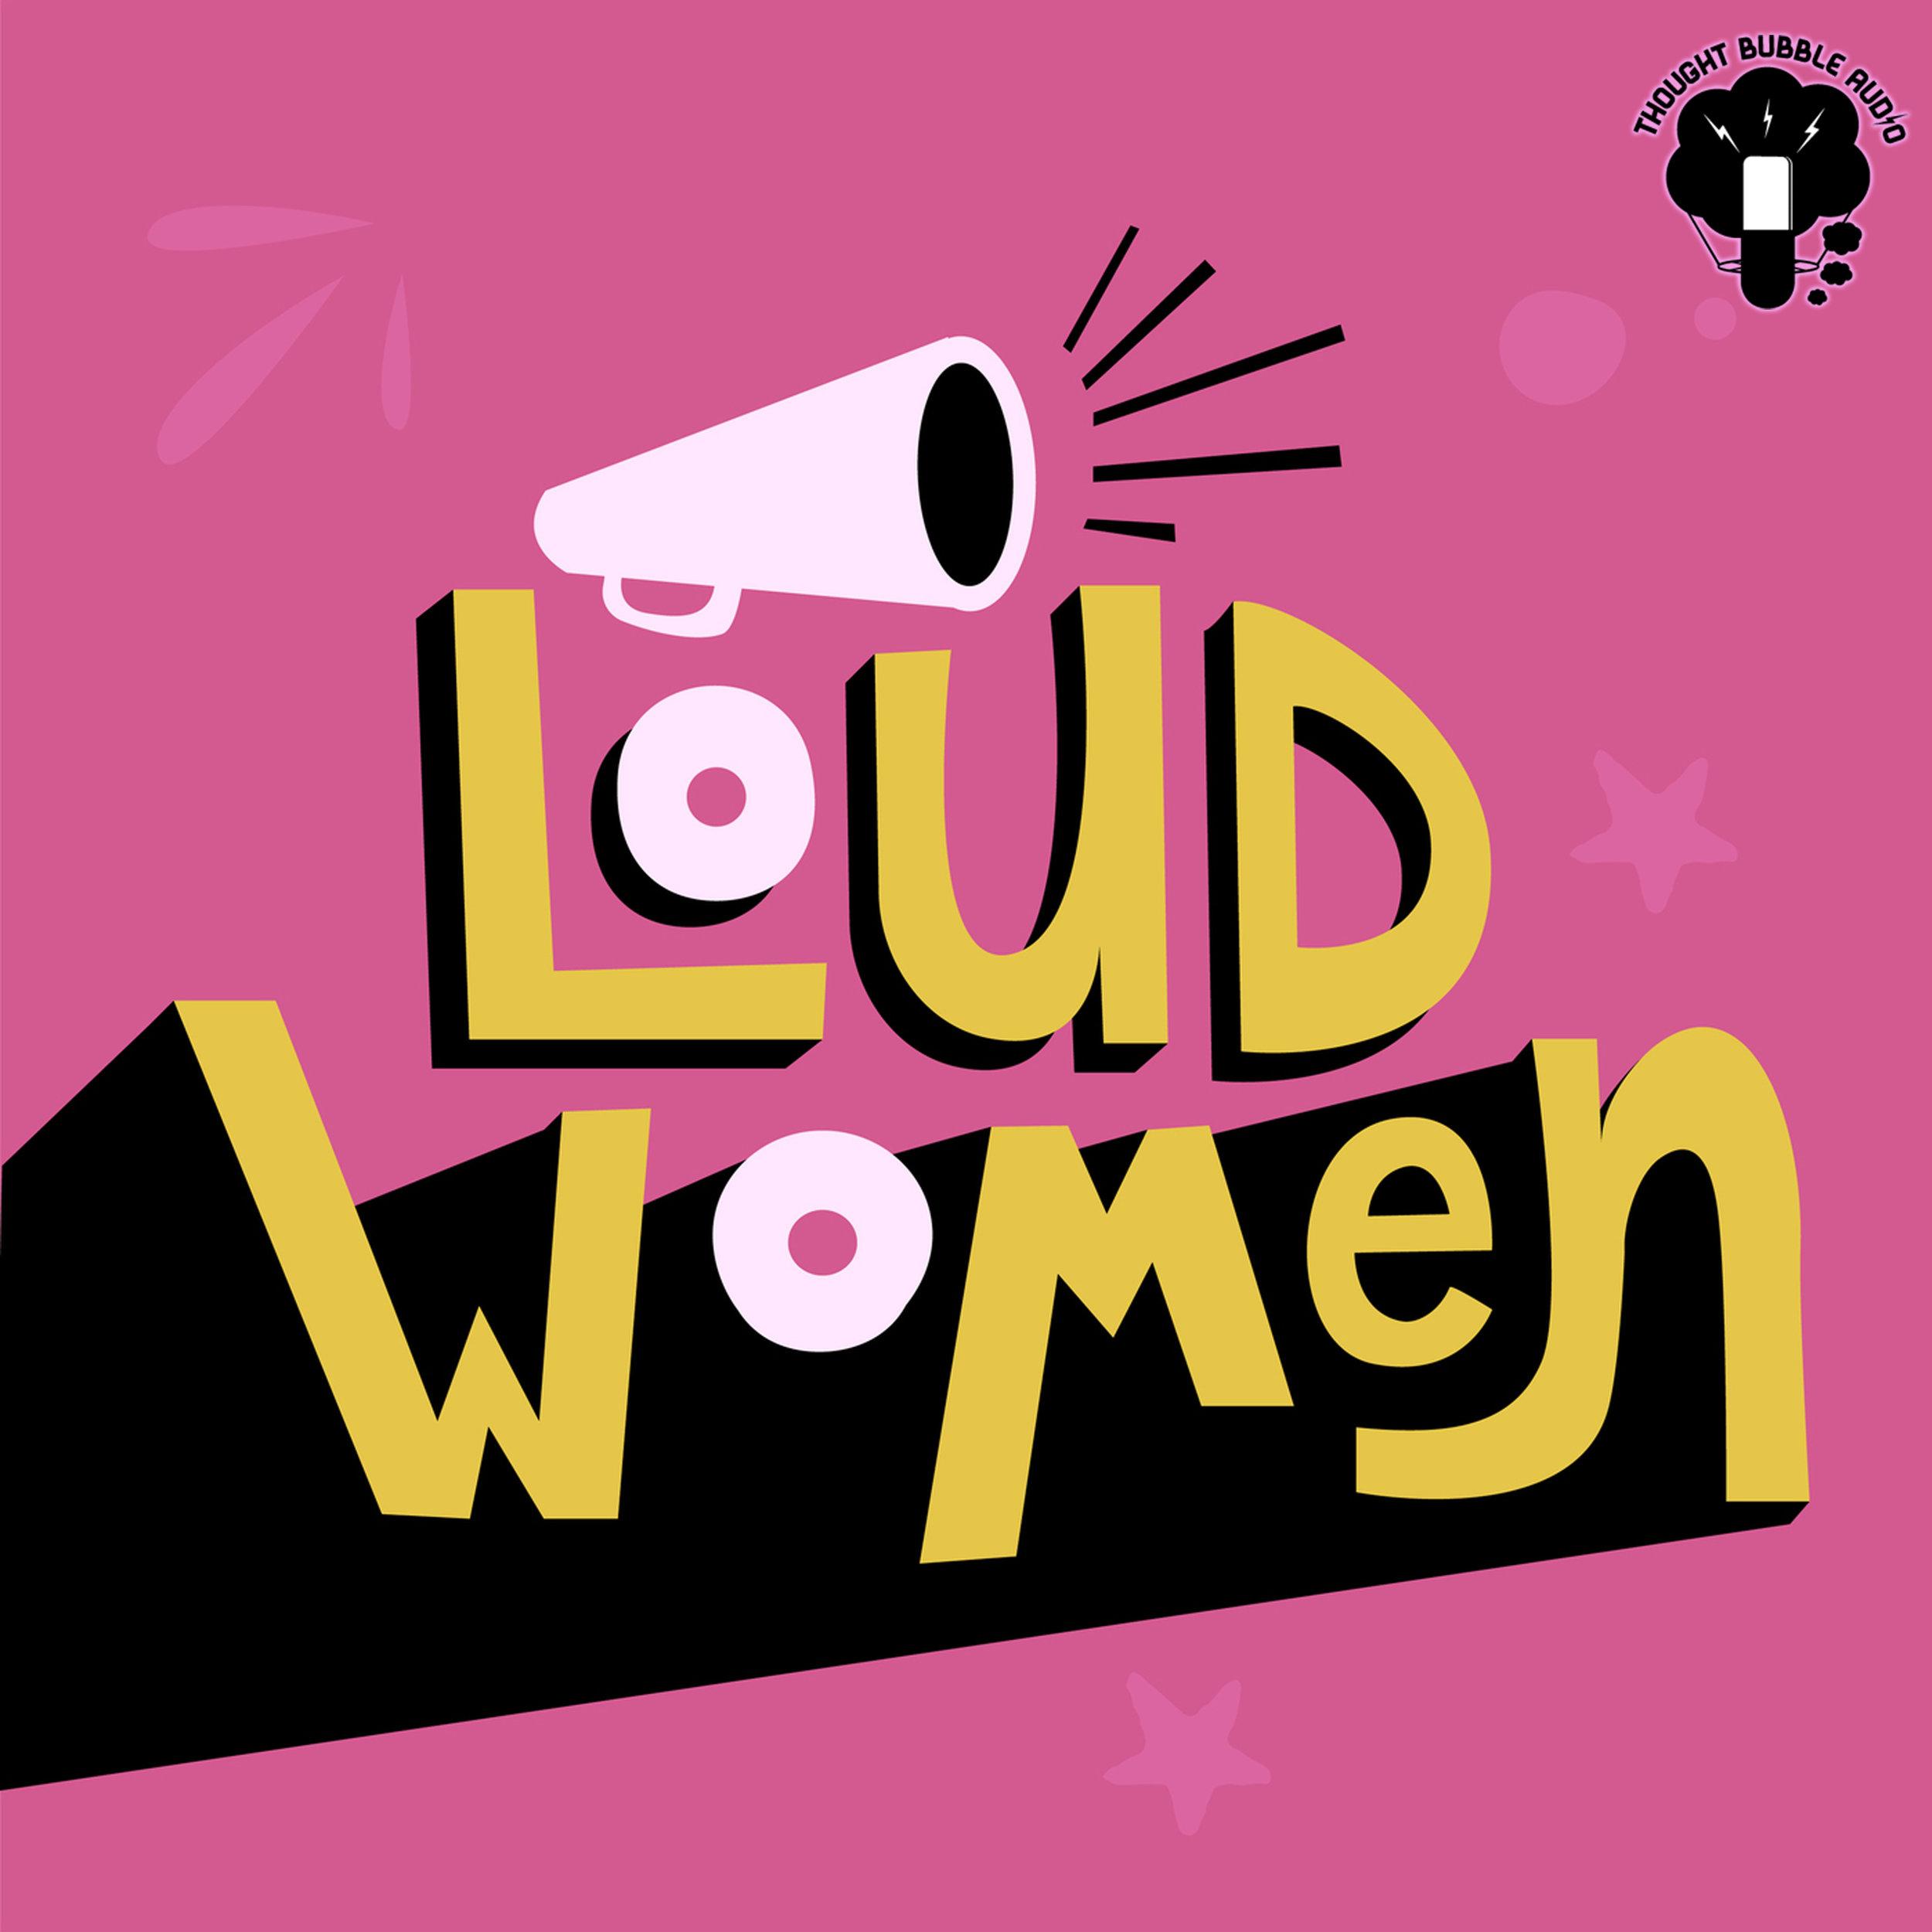 LoudWomen_coverart_v1.jpg